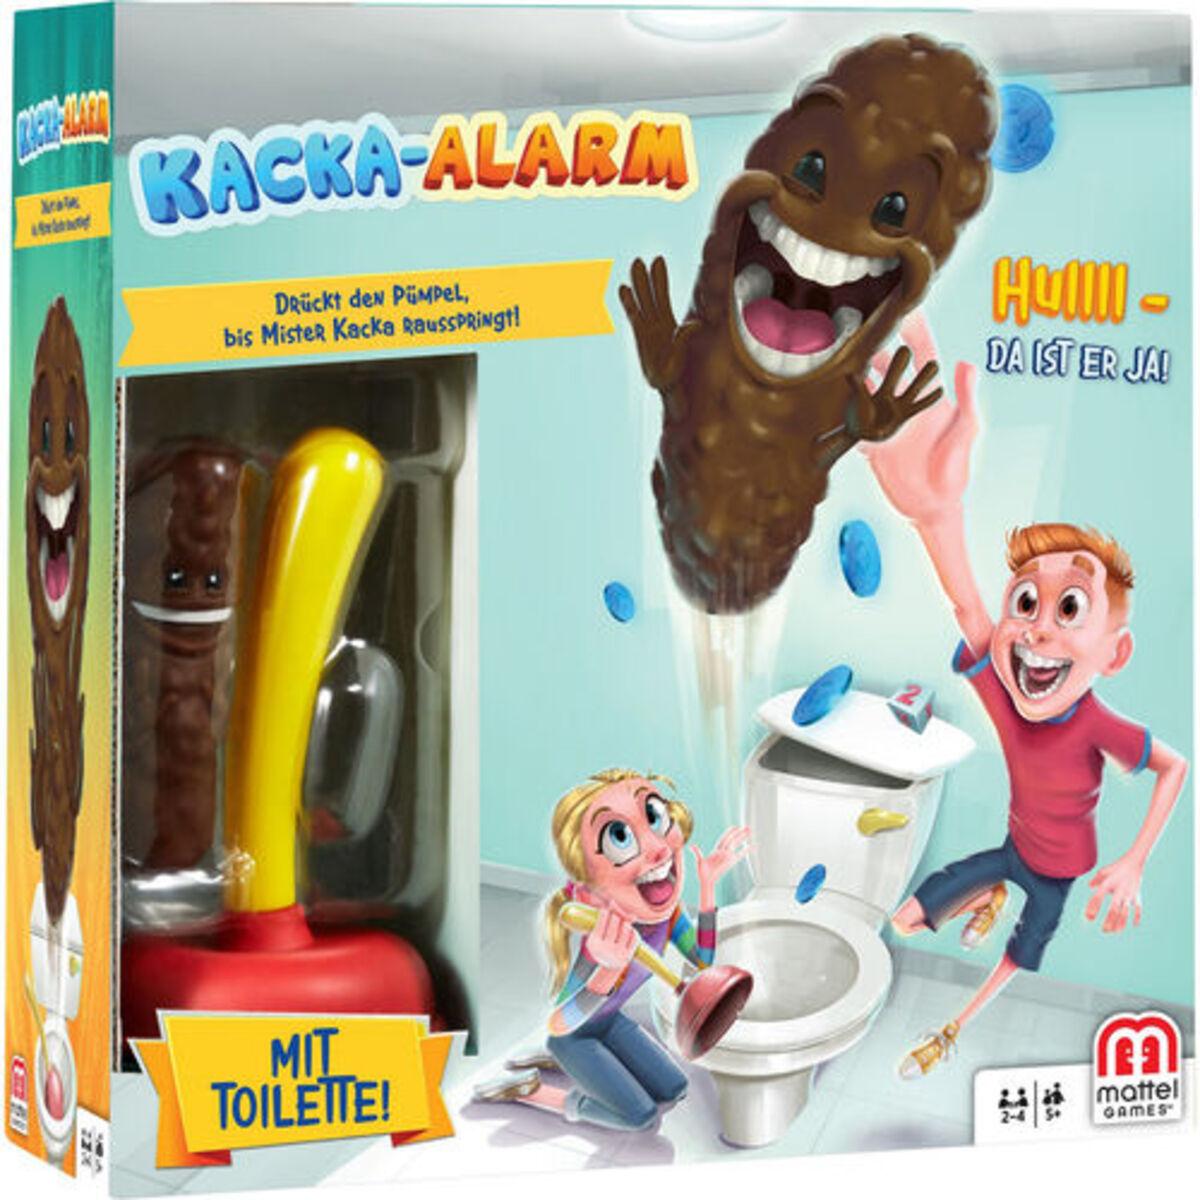 Bild 5 von Mattel Games Kacka-Alarm